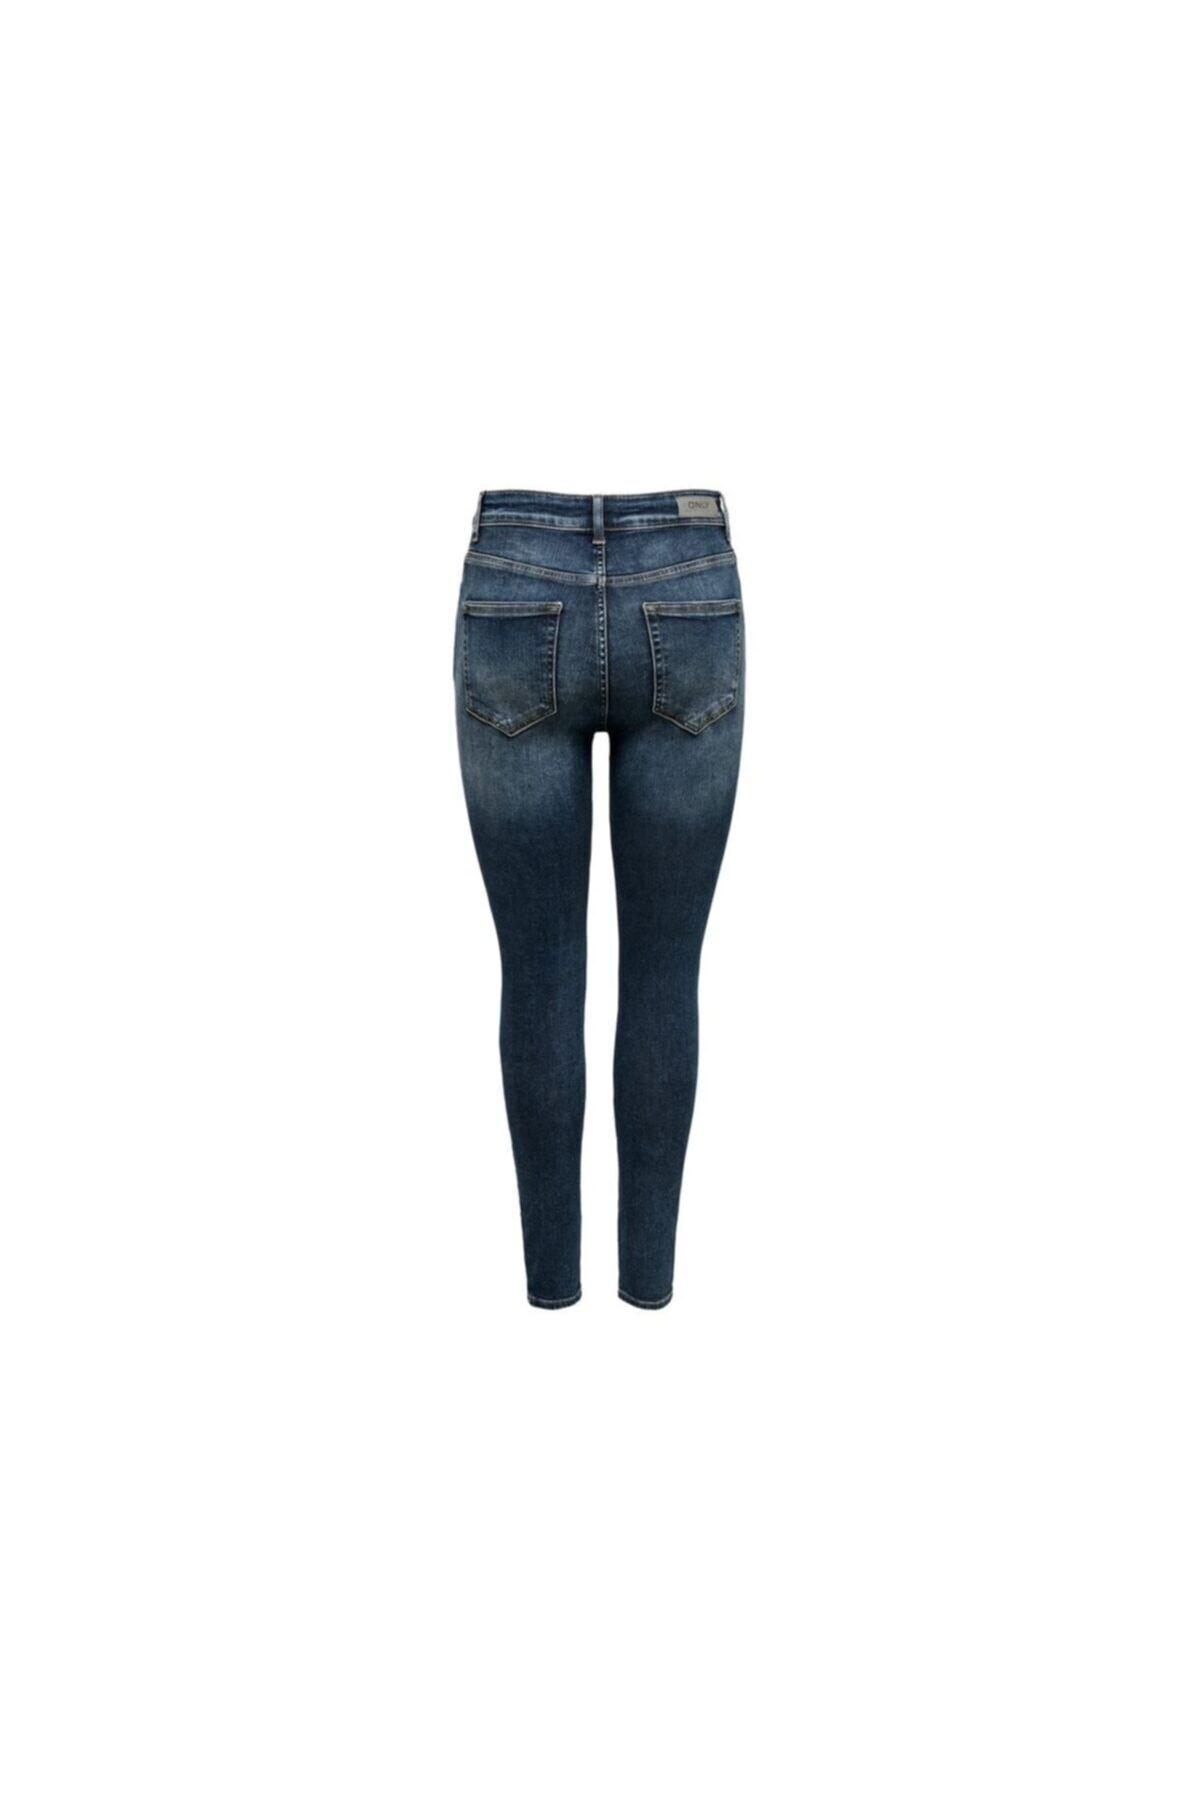 Only Kadın Mavi Onlblush Hw Button Sk Ank Jeans Rea3278 Pantolon 2